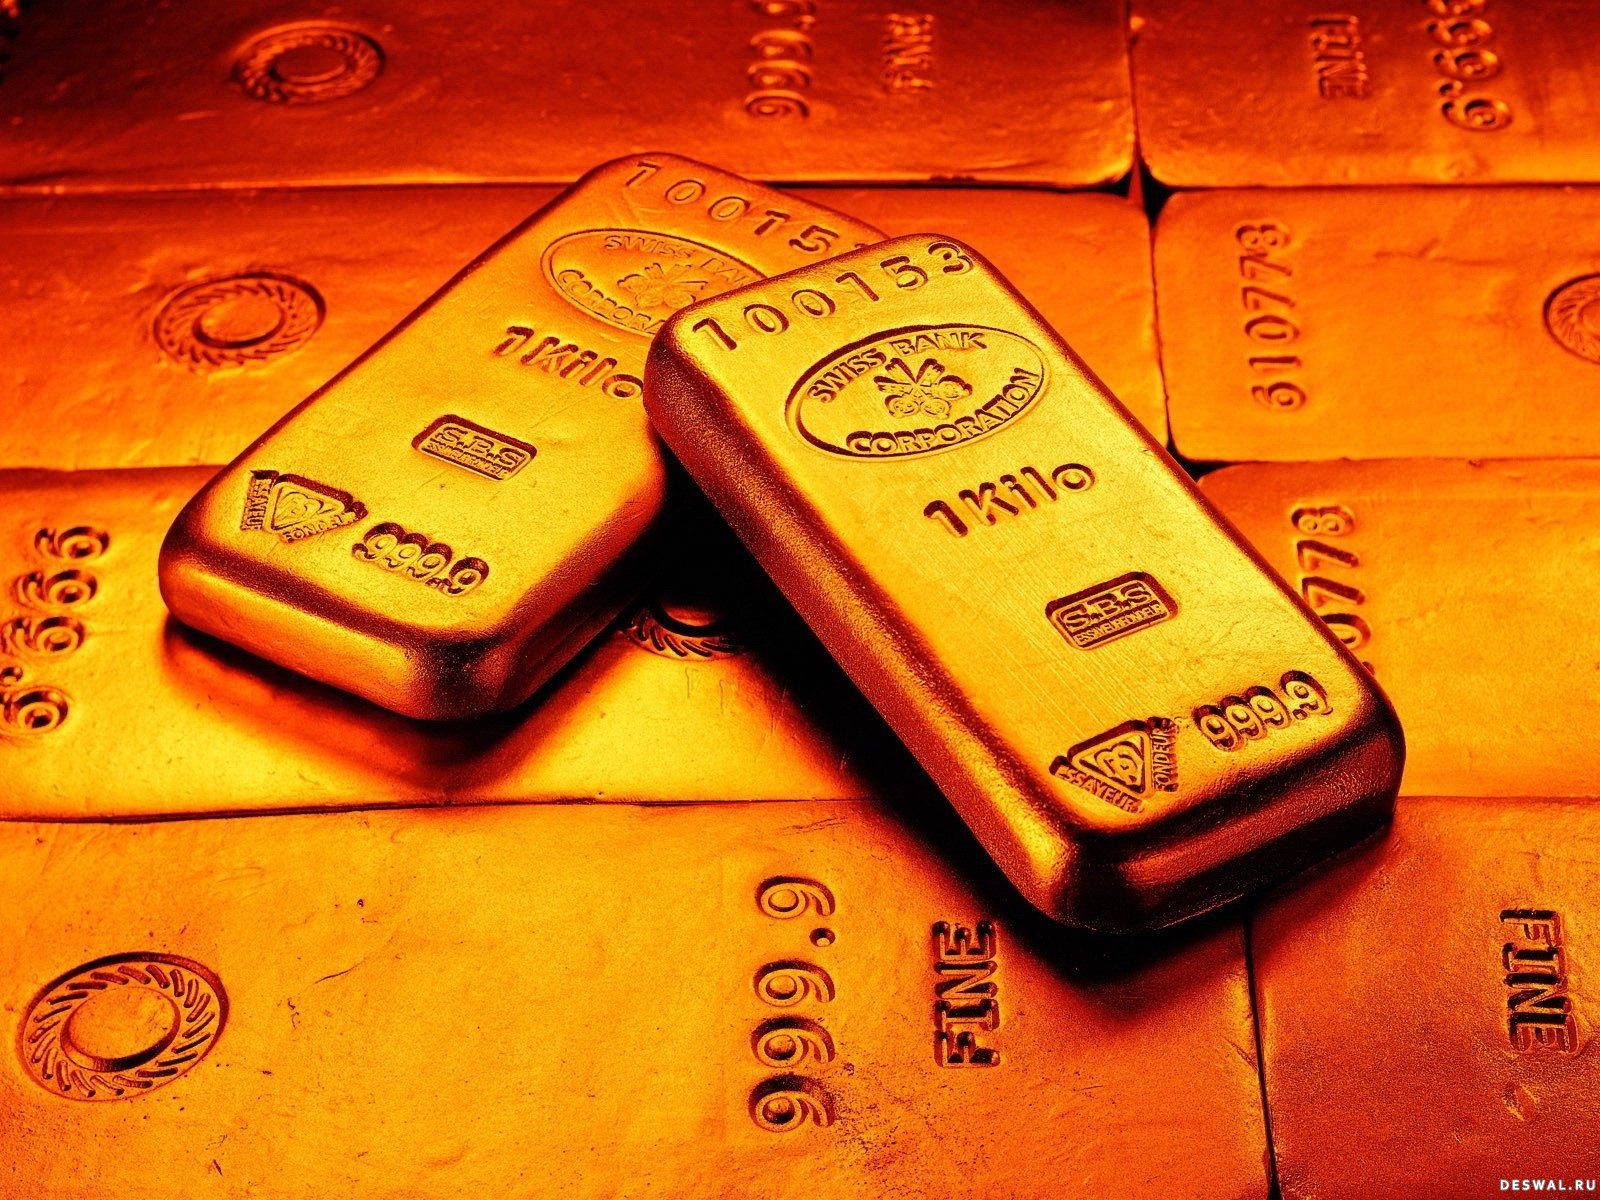 1 кг в слитках из золота